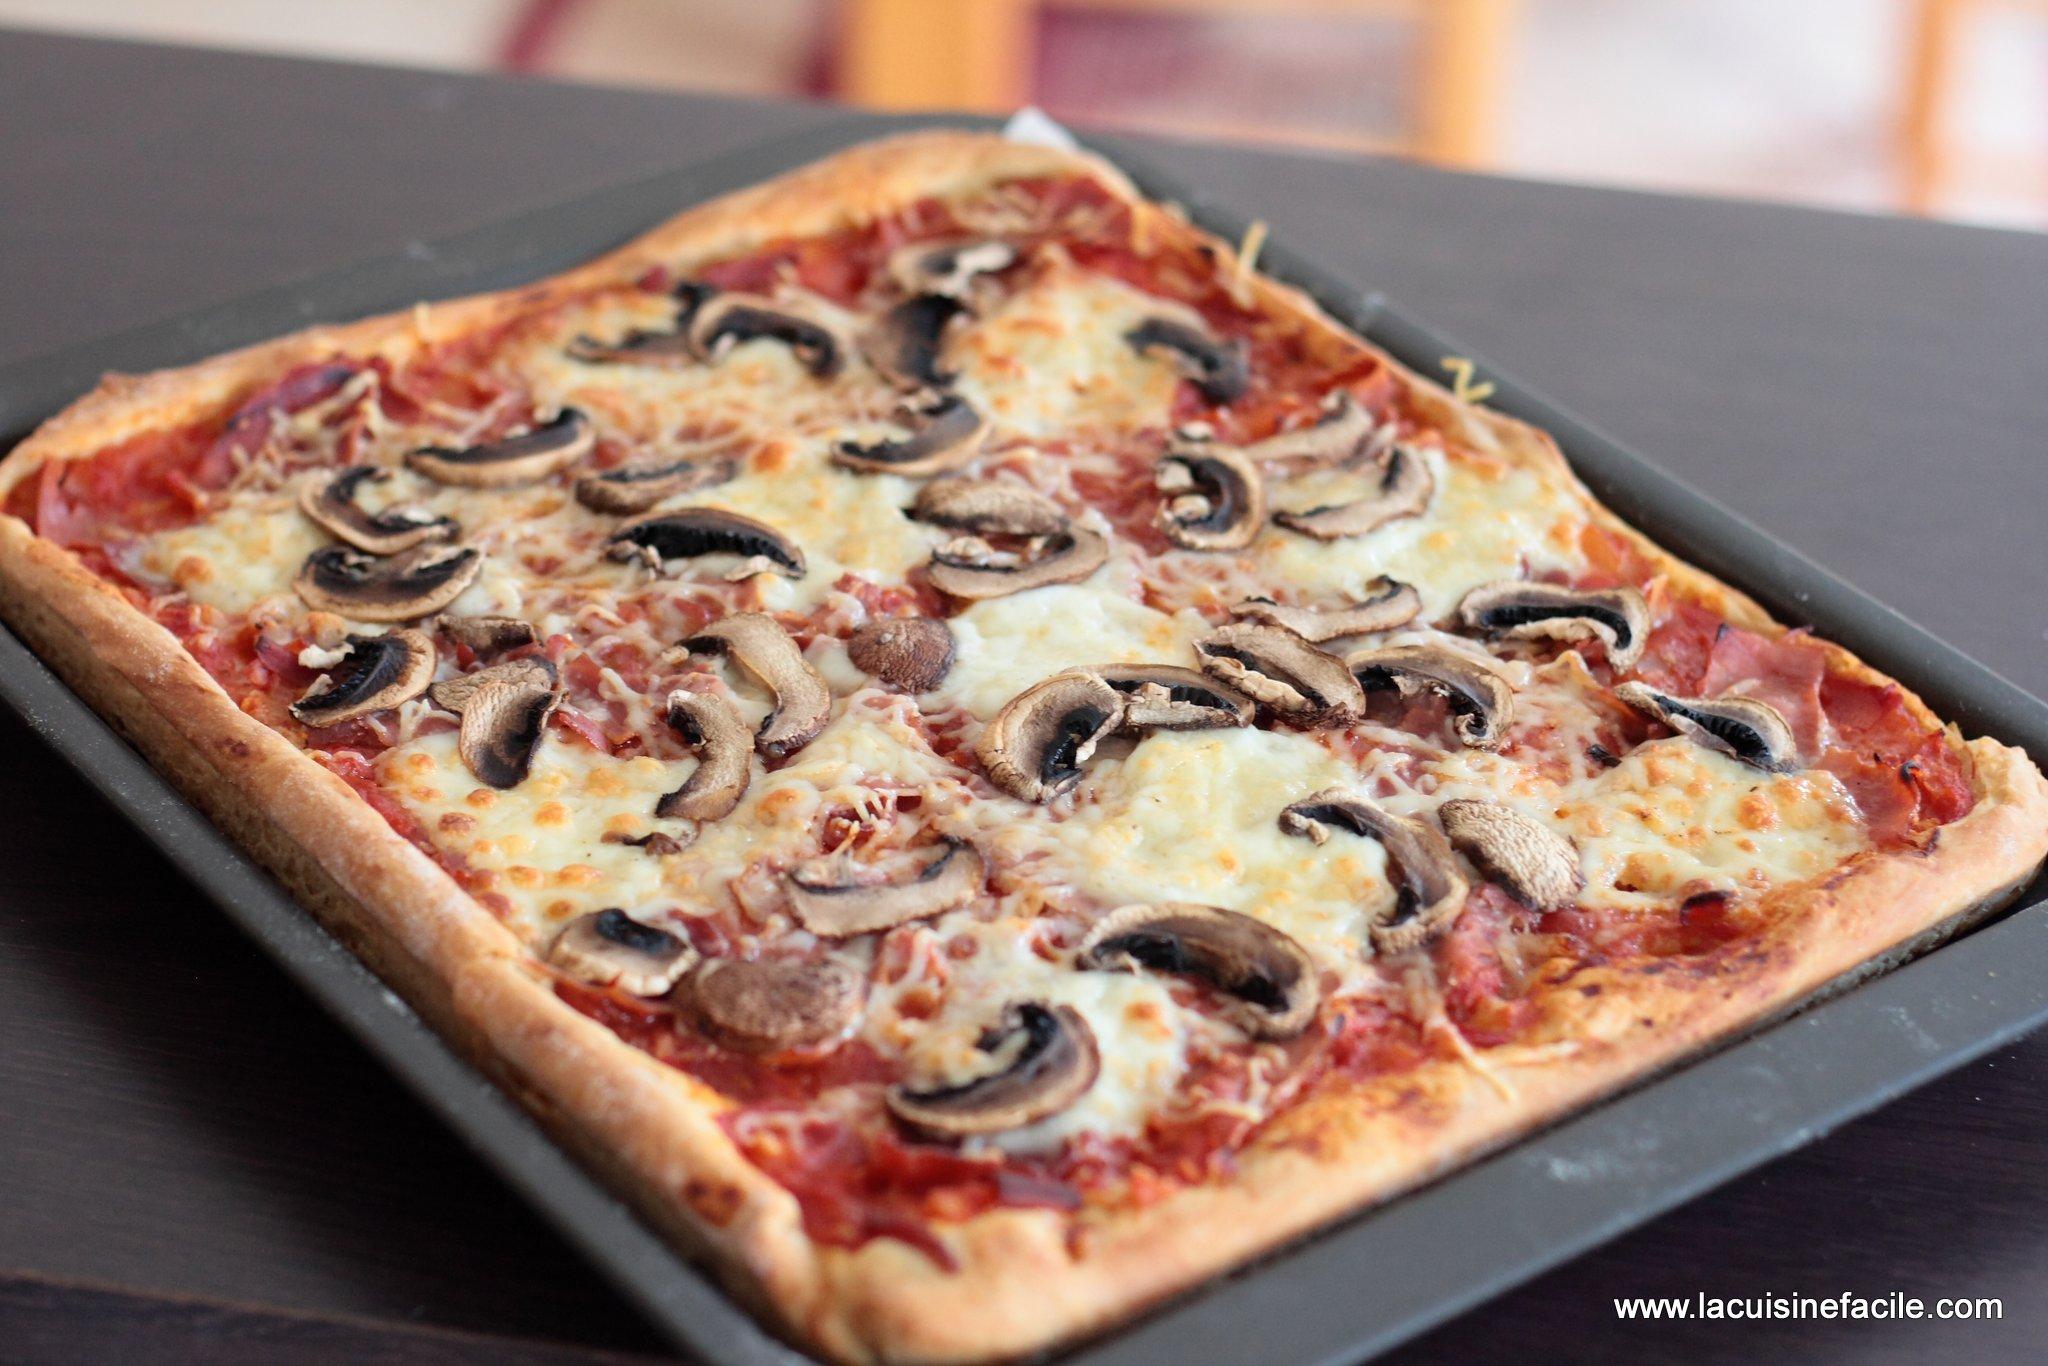 Pizza montagnarde au lardon, jambon sec et raclette